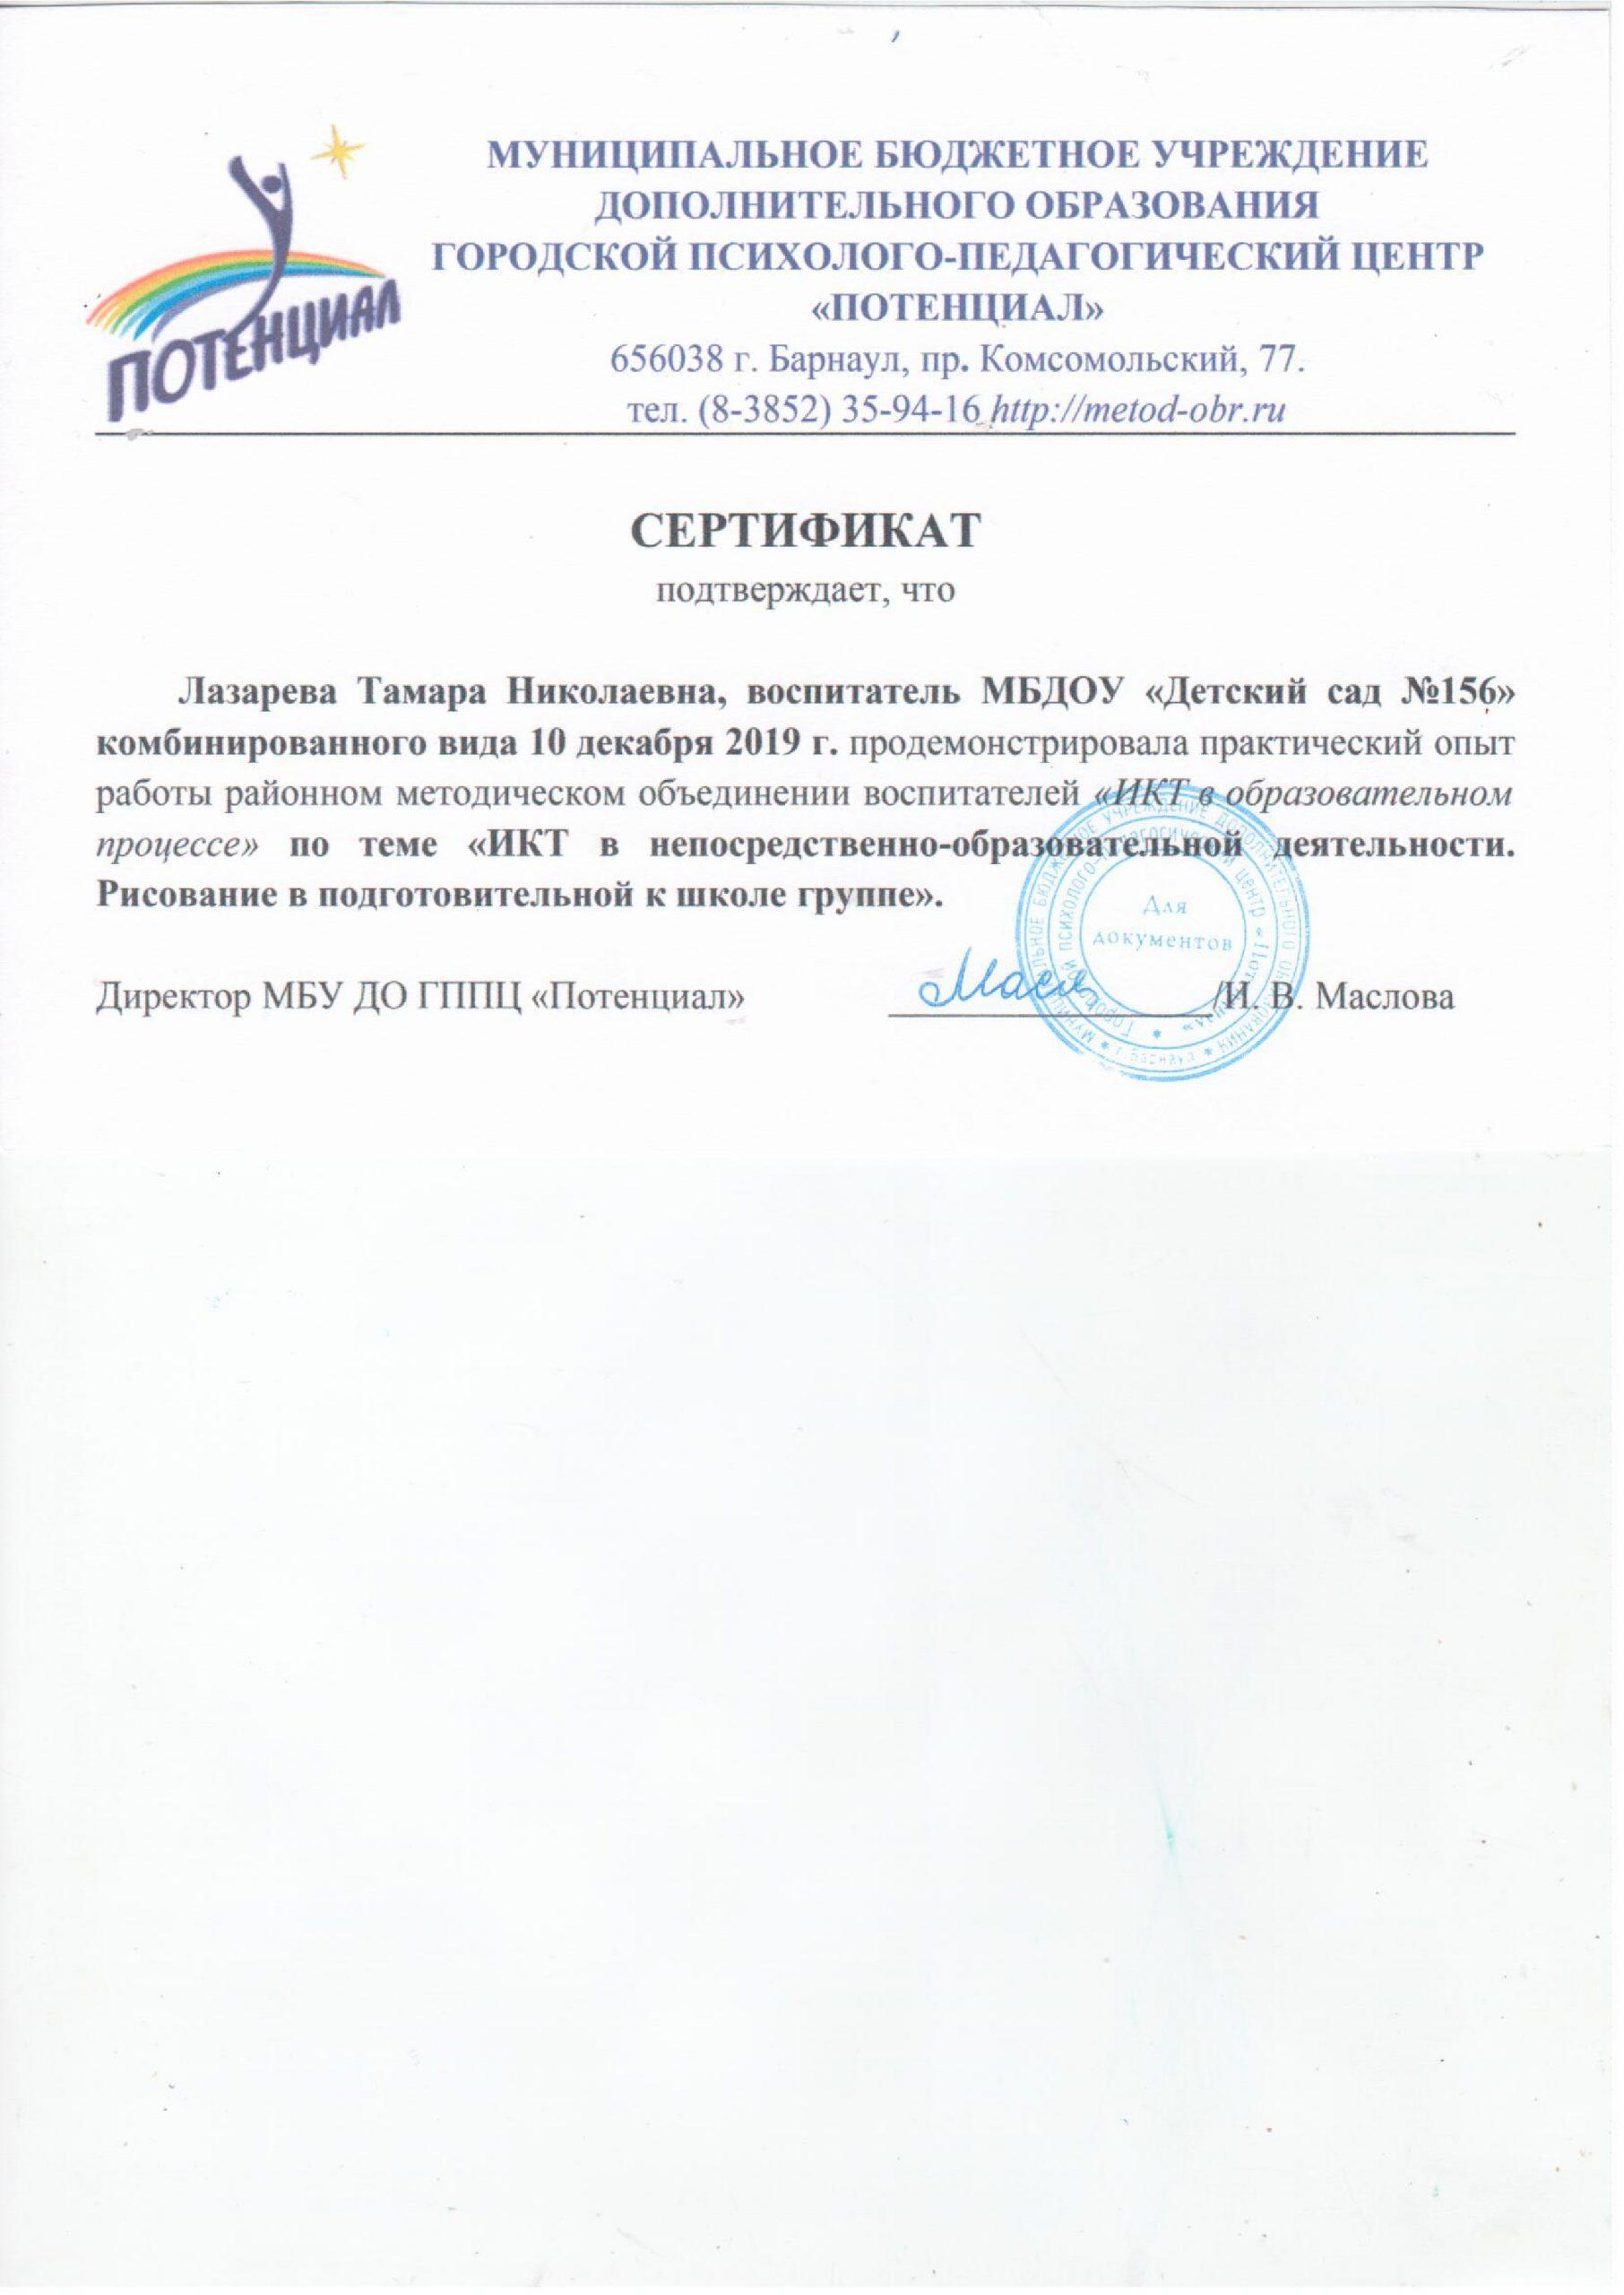 Лазарева Т.Н